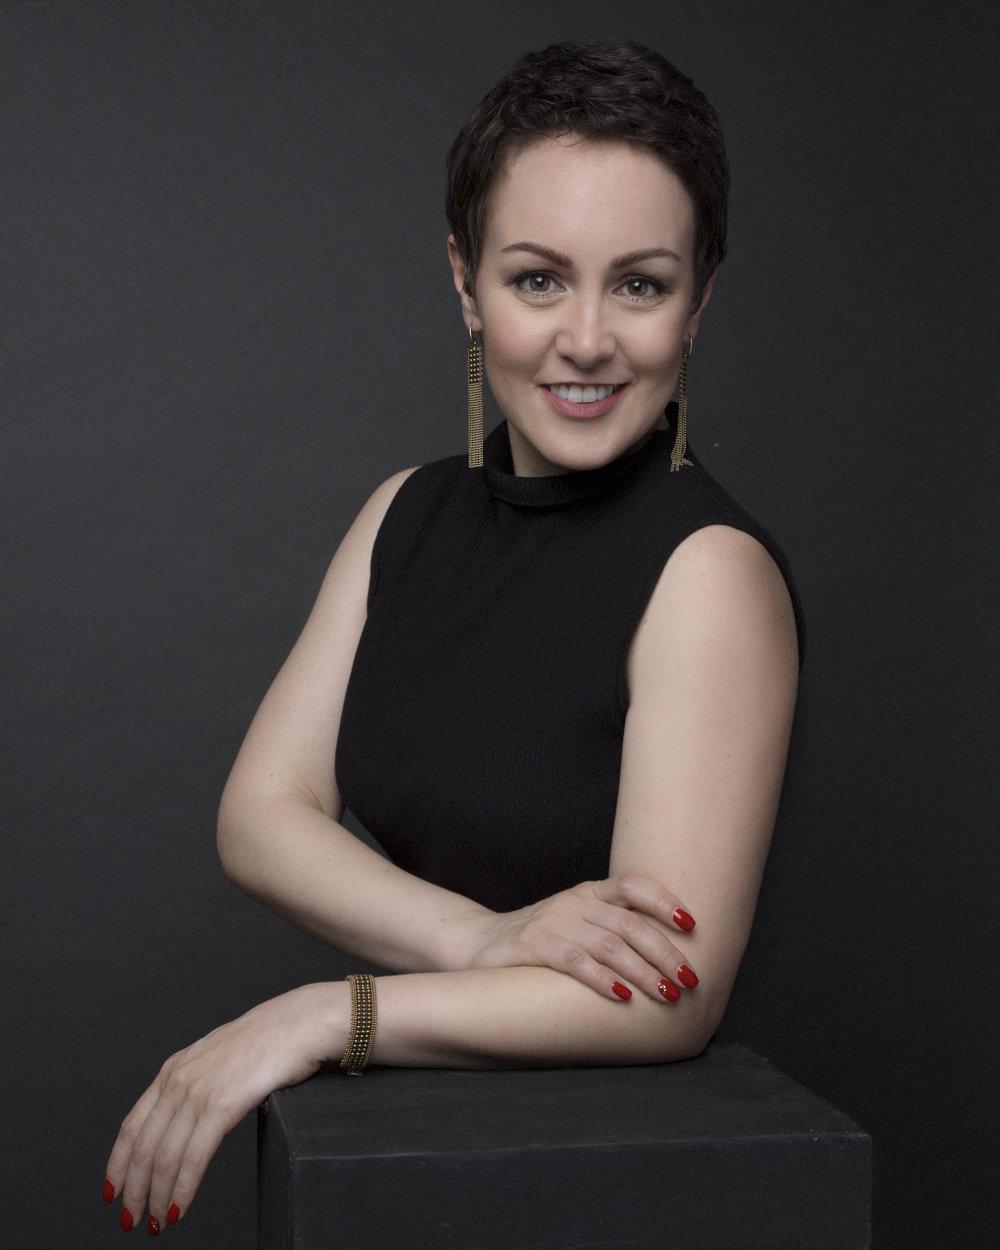 Personal Branding photoshoot with Burnaby based photographer Liliya Lubenkova Portraits